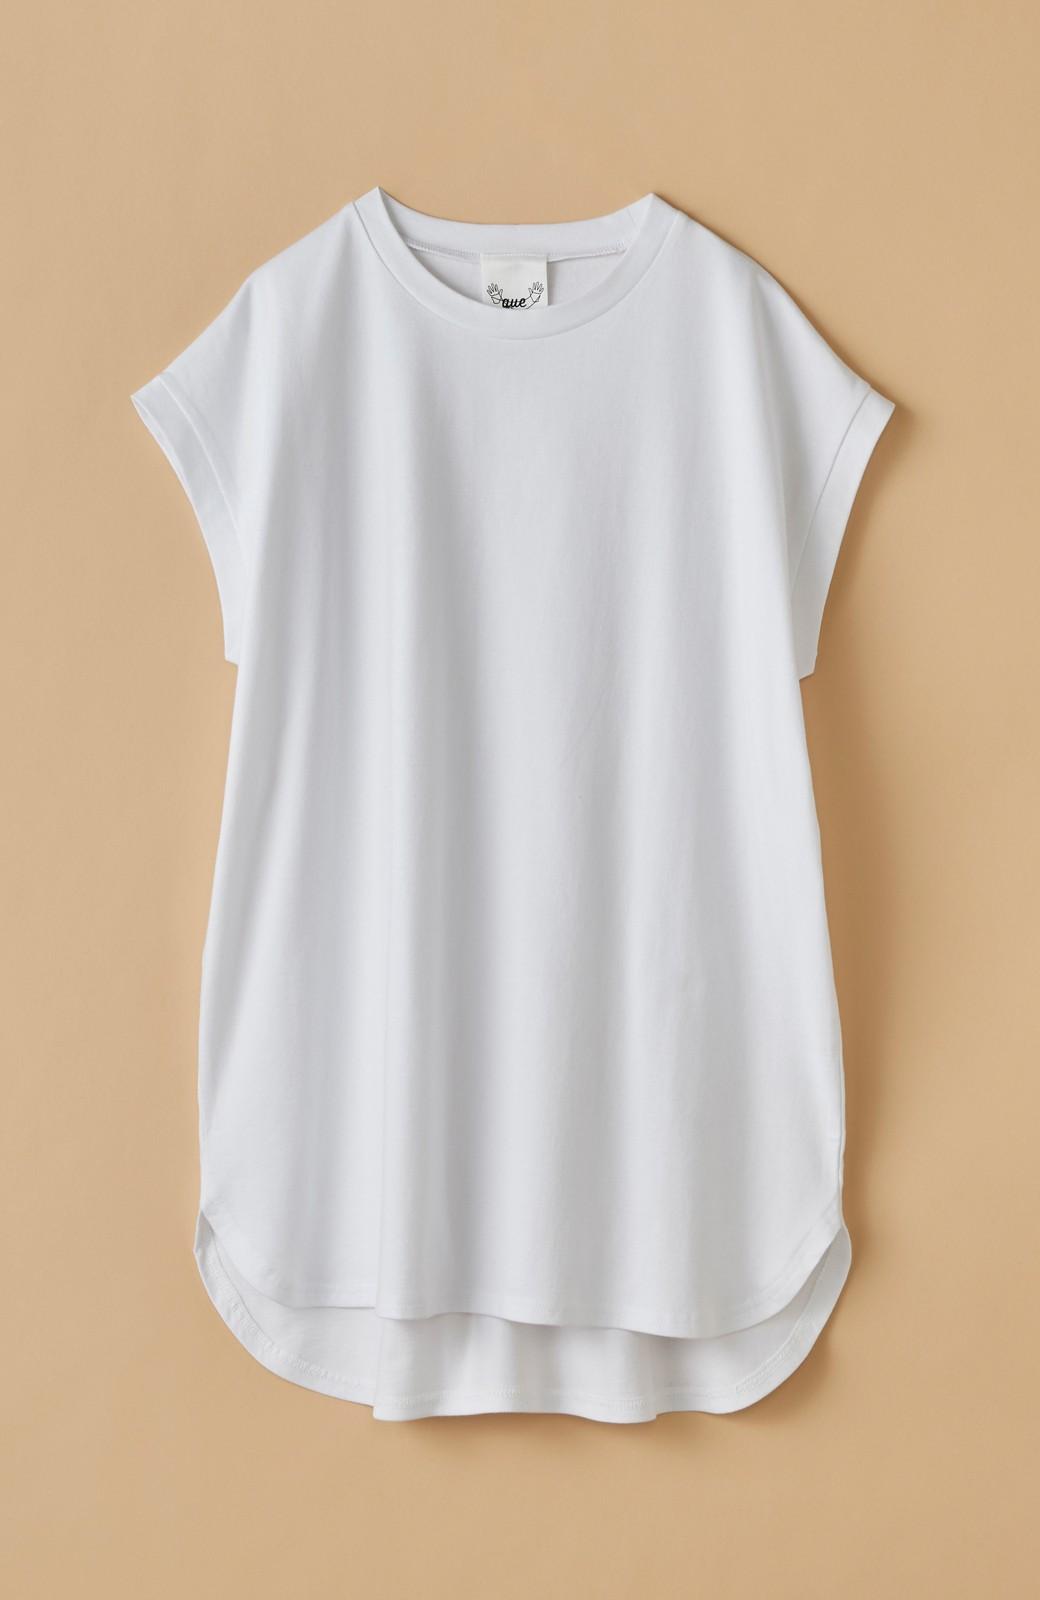 haco! 大人のTシャツこれならいける?!ちょい袖でかっこよく見せるTシャツ by que made me + PBP <ホワイト>の商品写真22